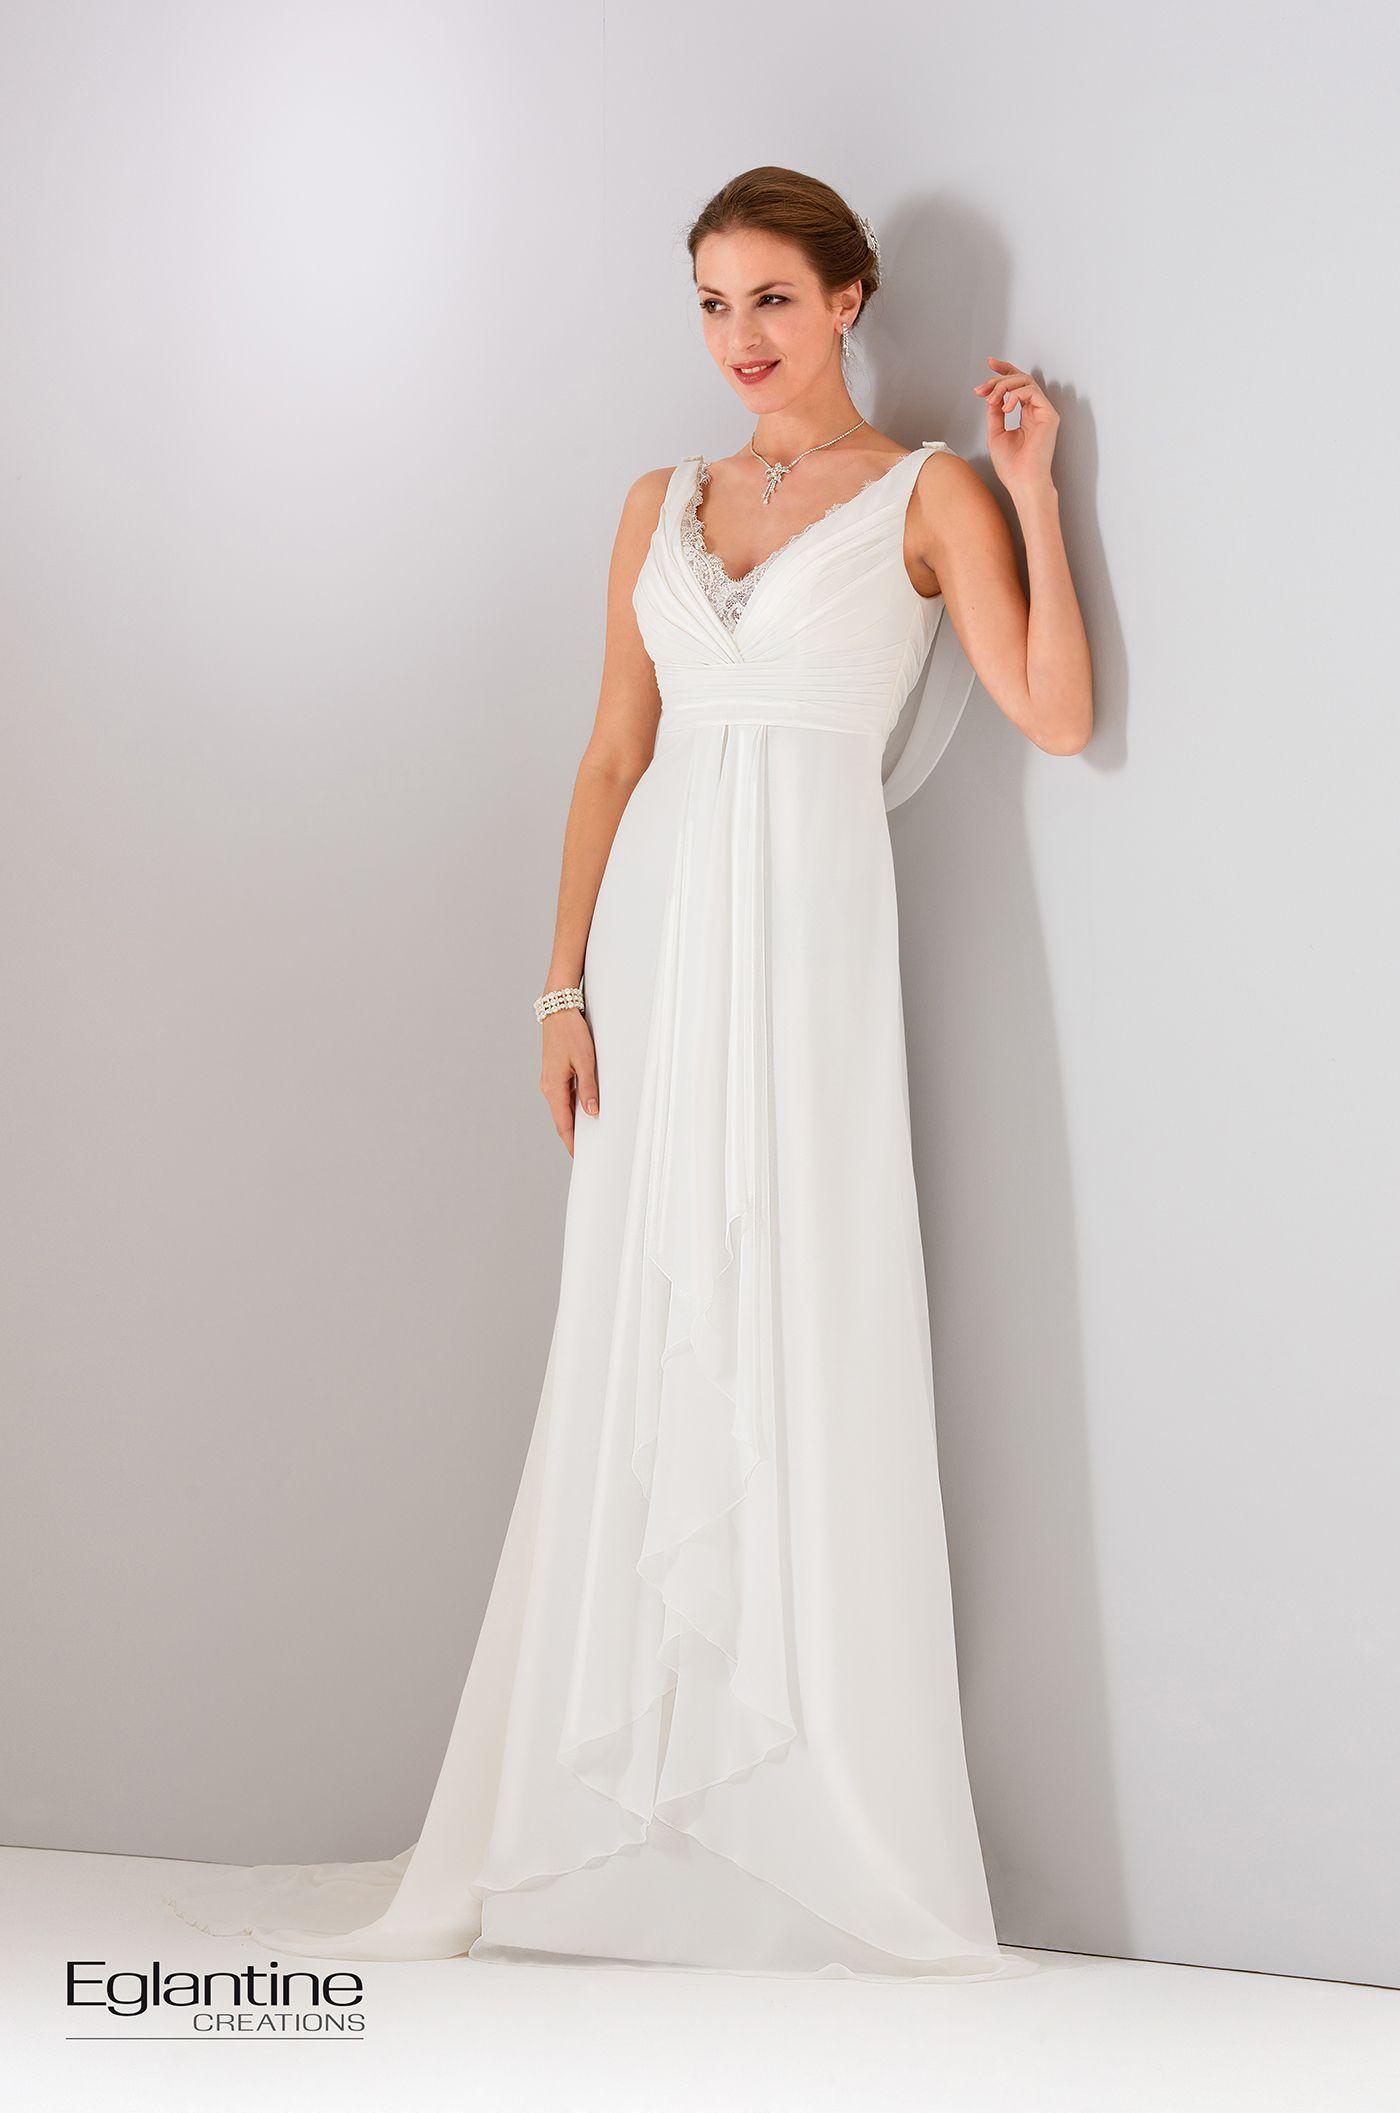 robe de mari e fluide en mousseline avec bretelles le buste drap forme un d collet en v. Black Bedroom Furniture Sets. Home Design Ideas